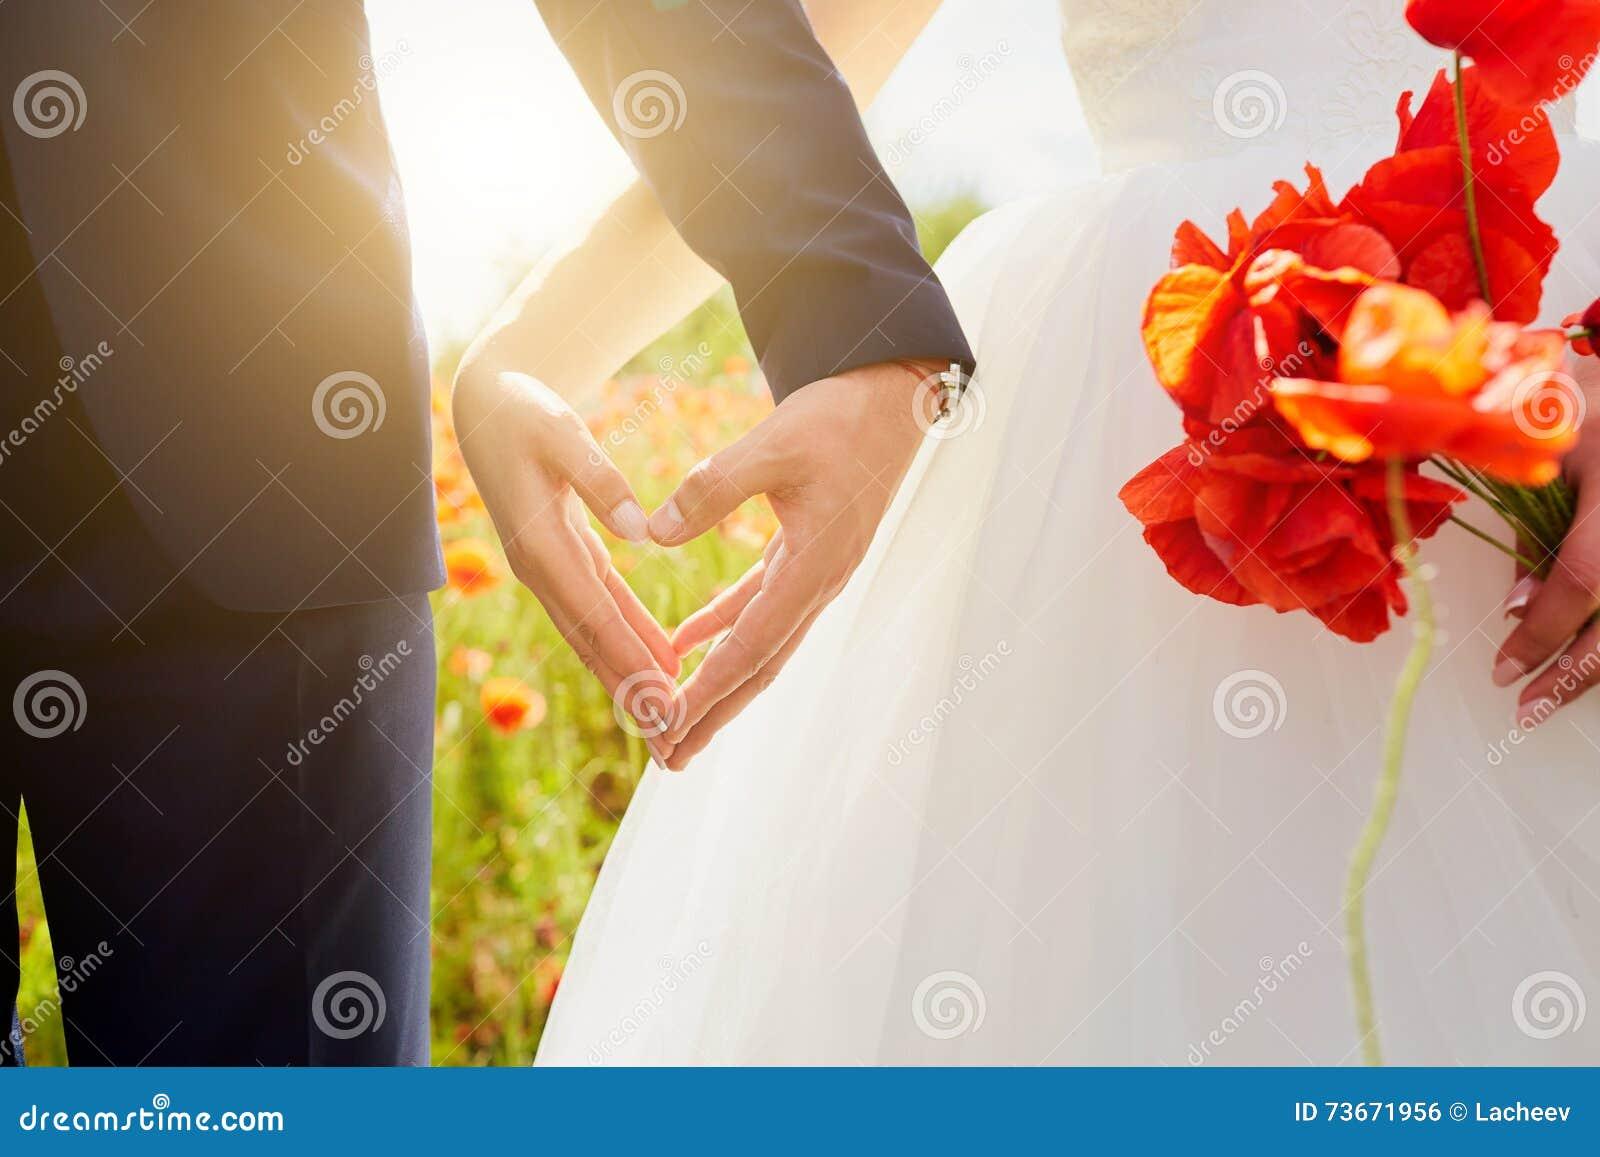 Händer av bruden och brudgummen i en form av hjärta Att gifta sig förälskelse, hör